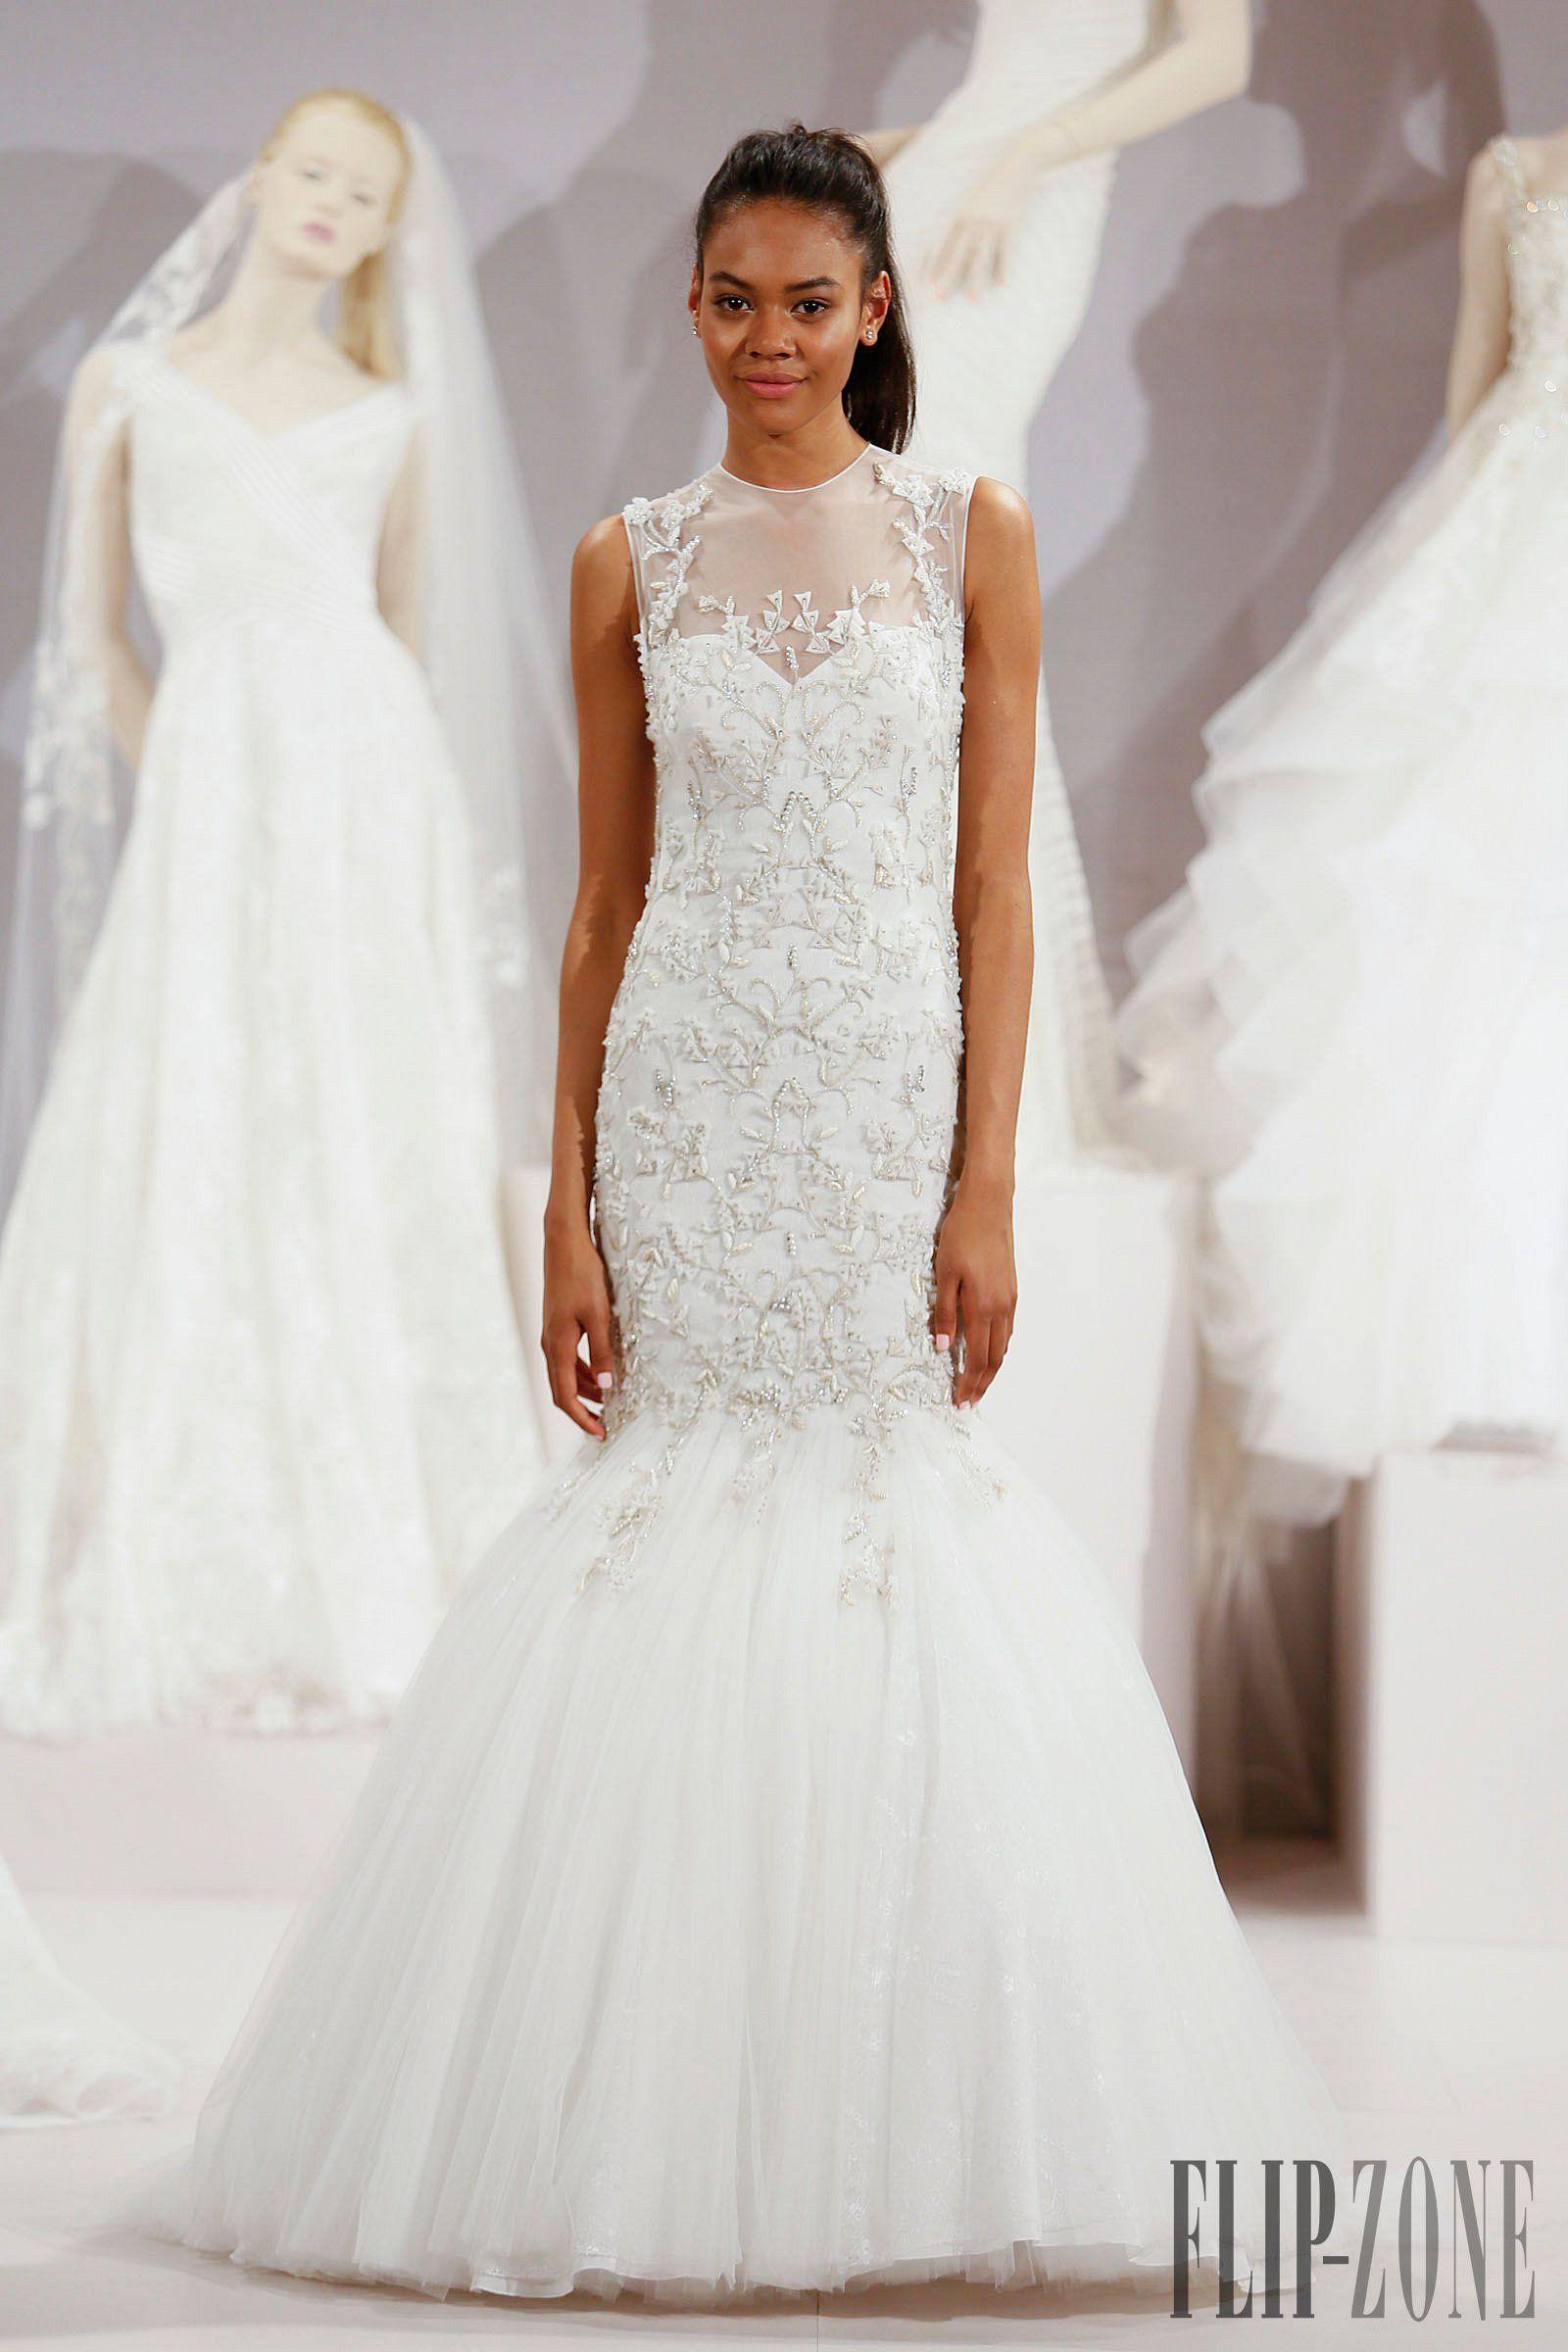 Fit and flare dress wedding  flipzonefashionbridalthebridetonyward